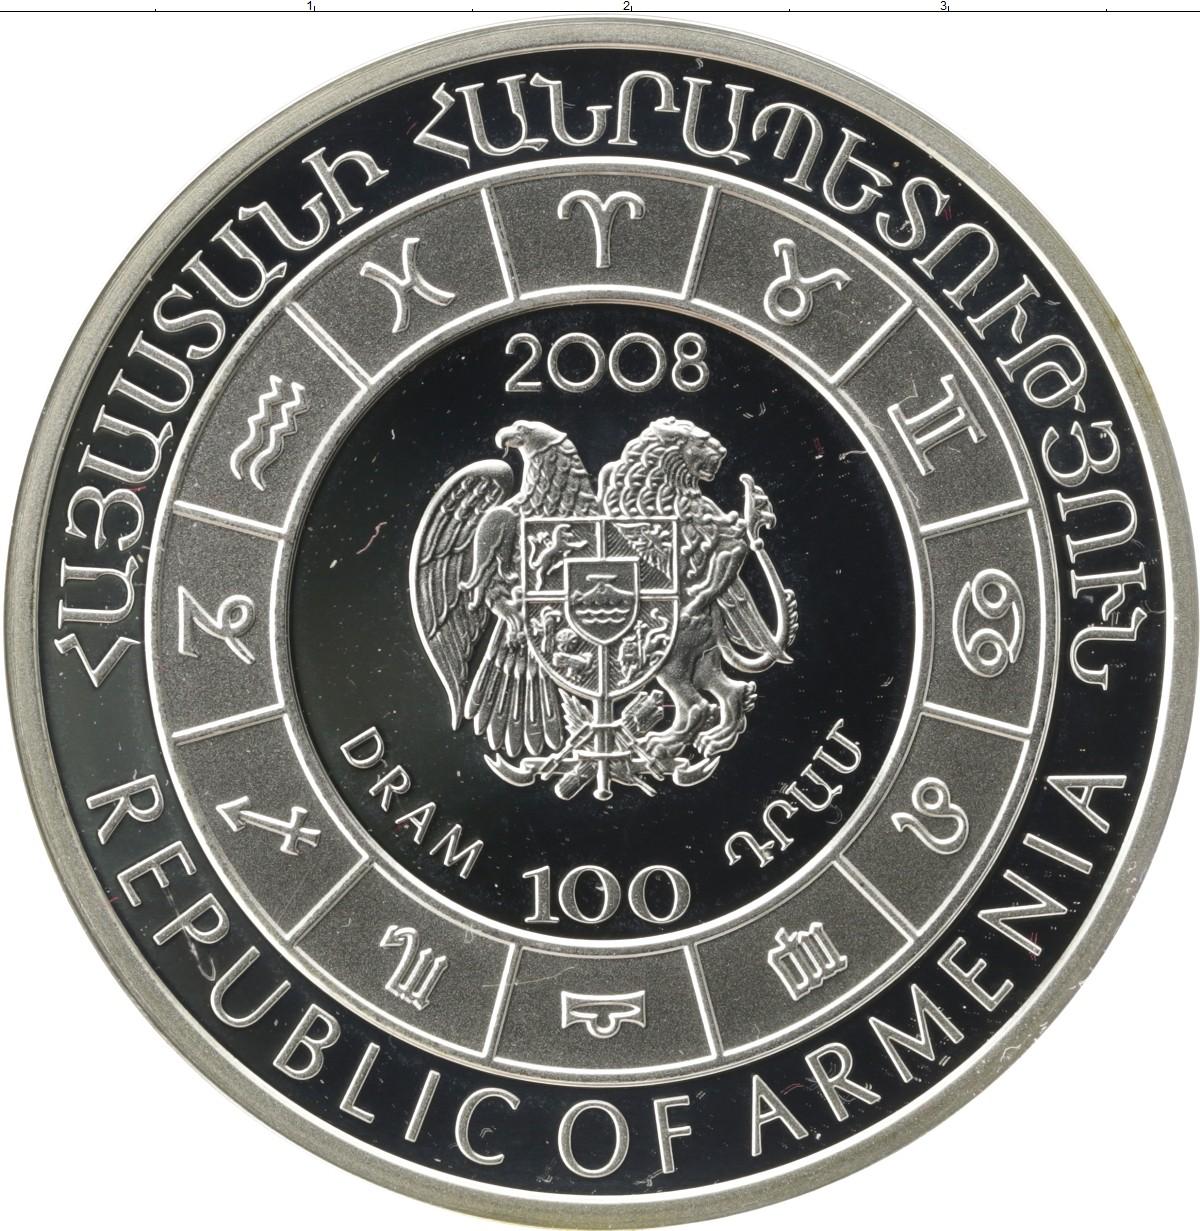 Серия монет либерии 2002 года футбольный клуб бавария